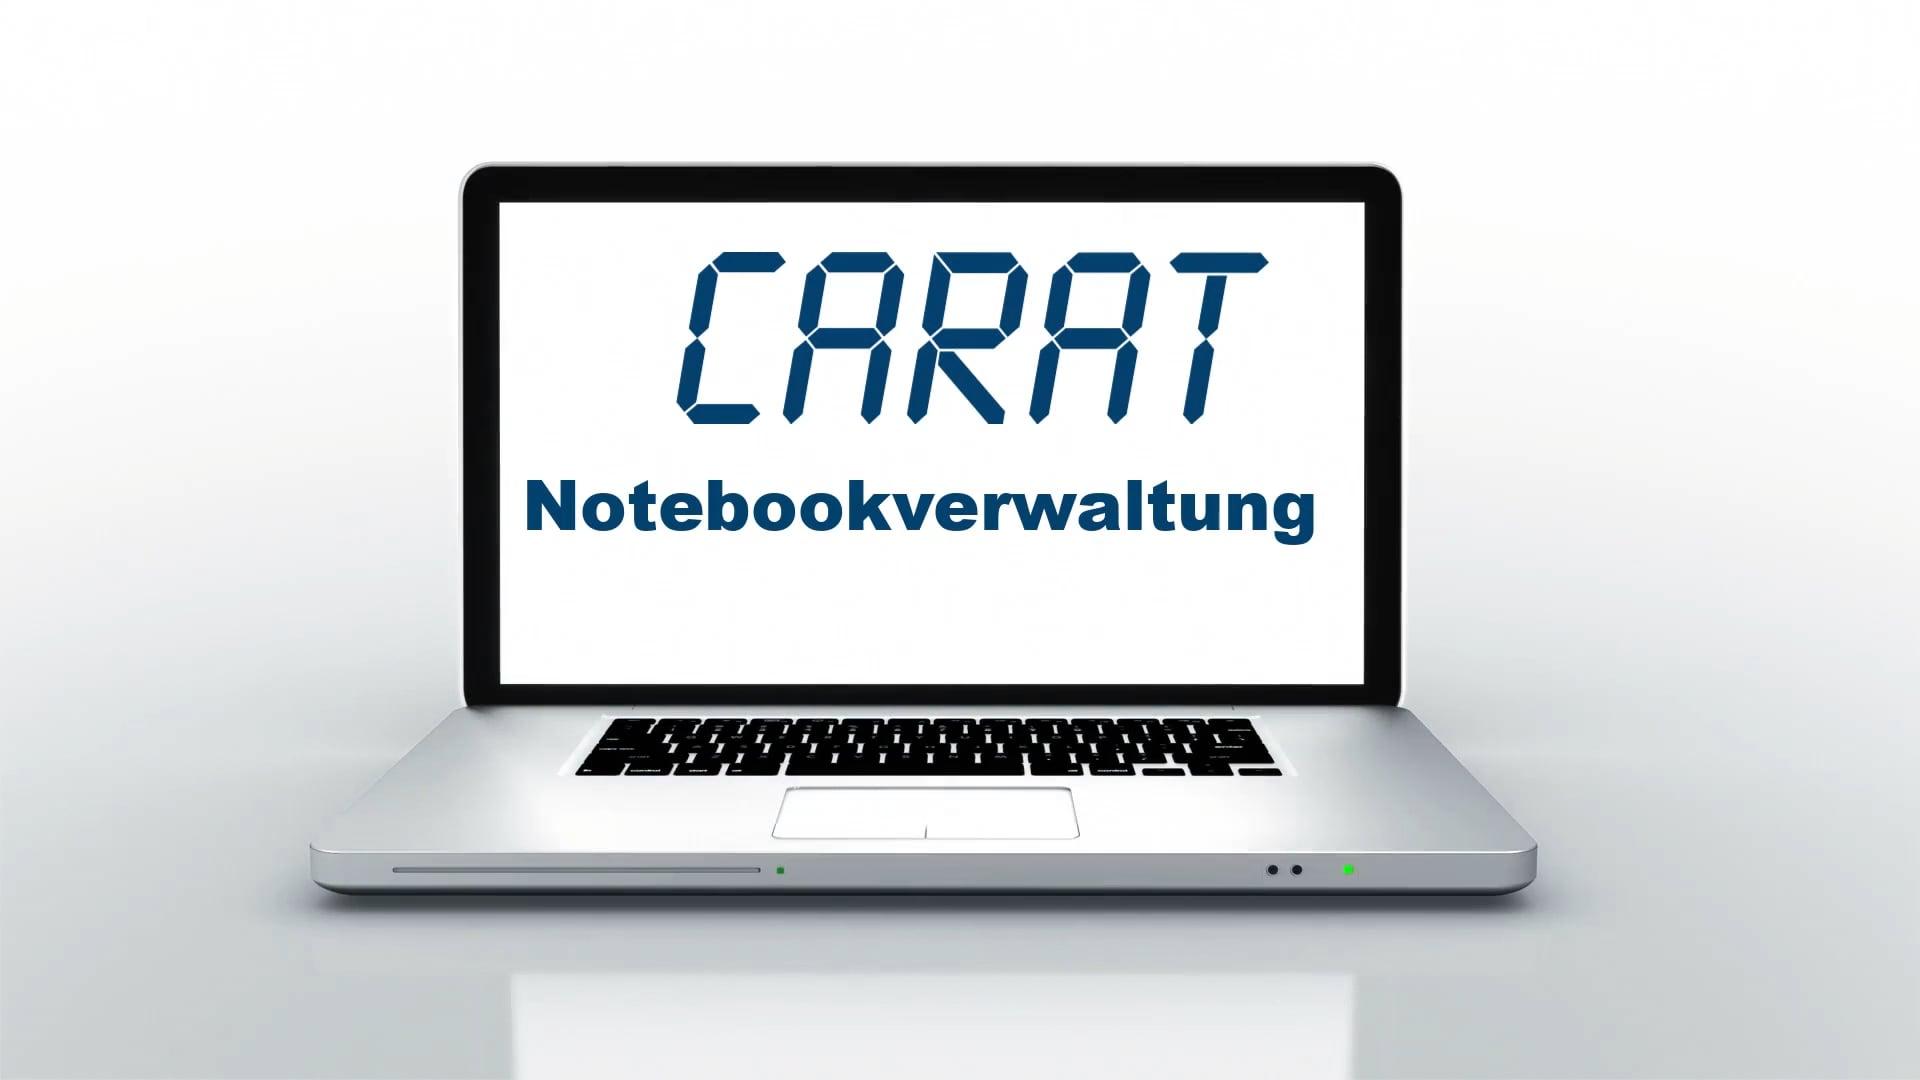 Die Notebookverwaltung Modul 4 N